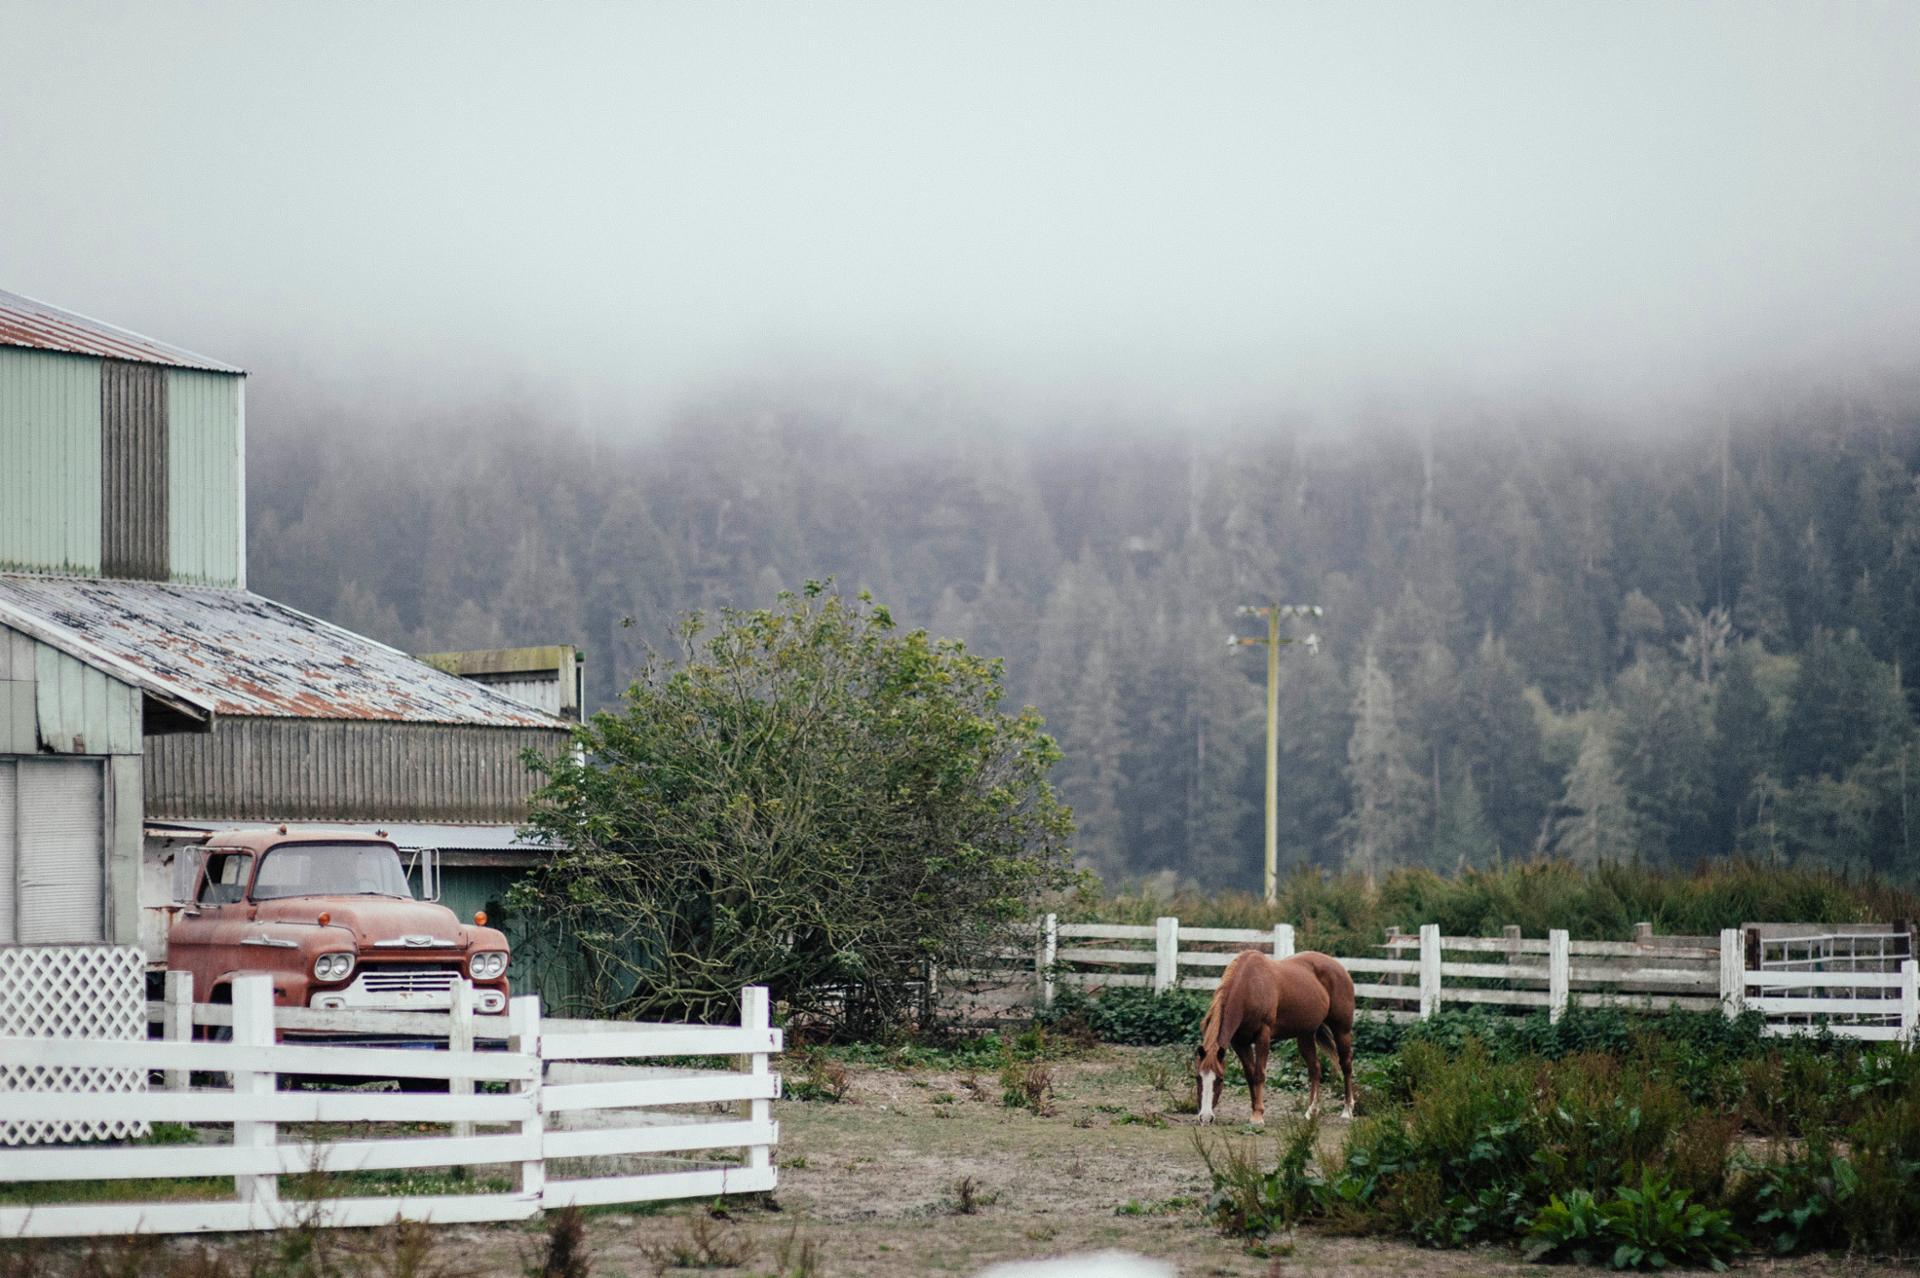 Farm on 101 N